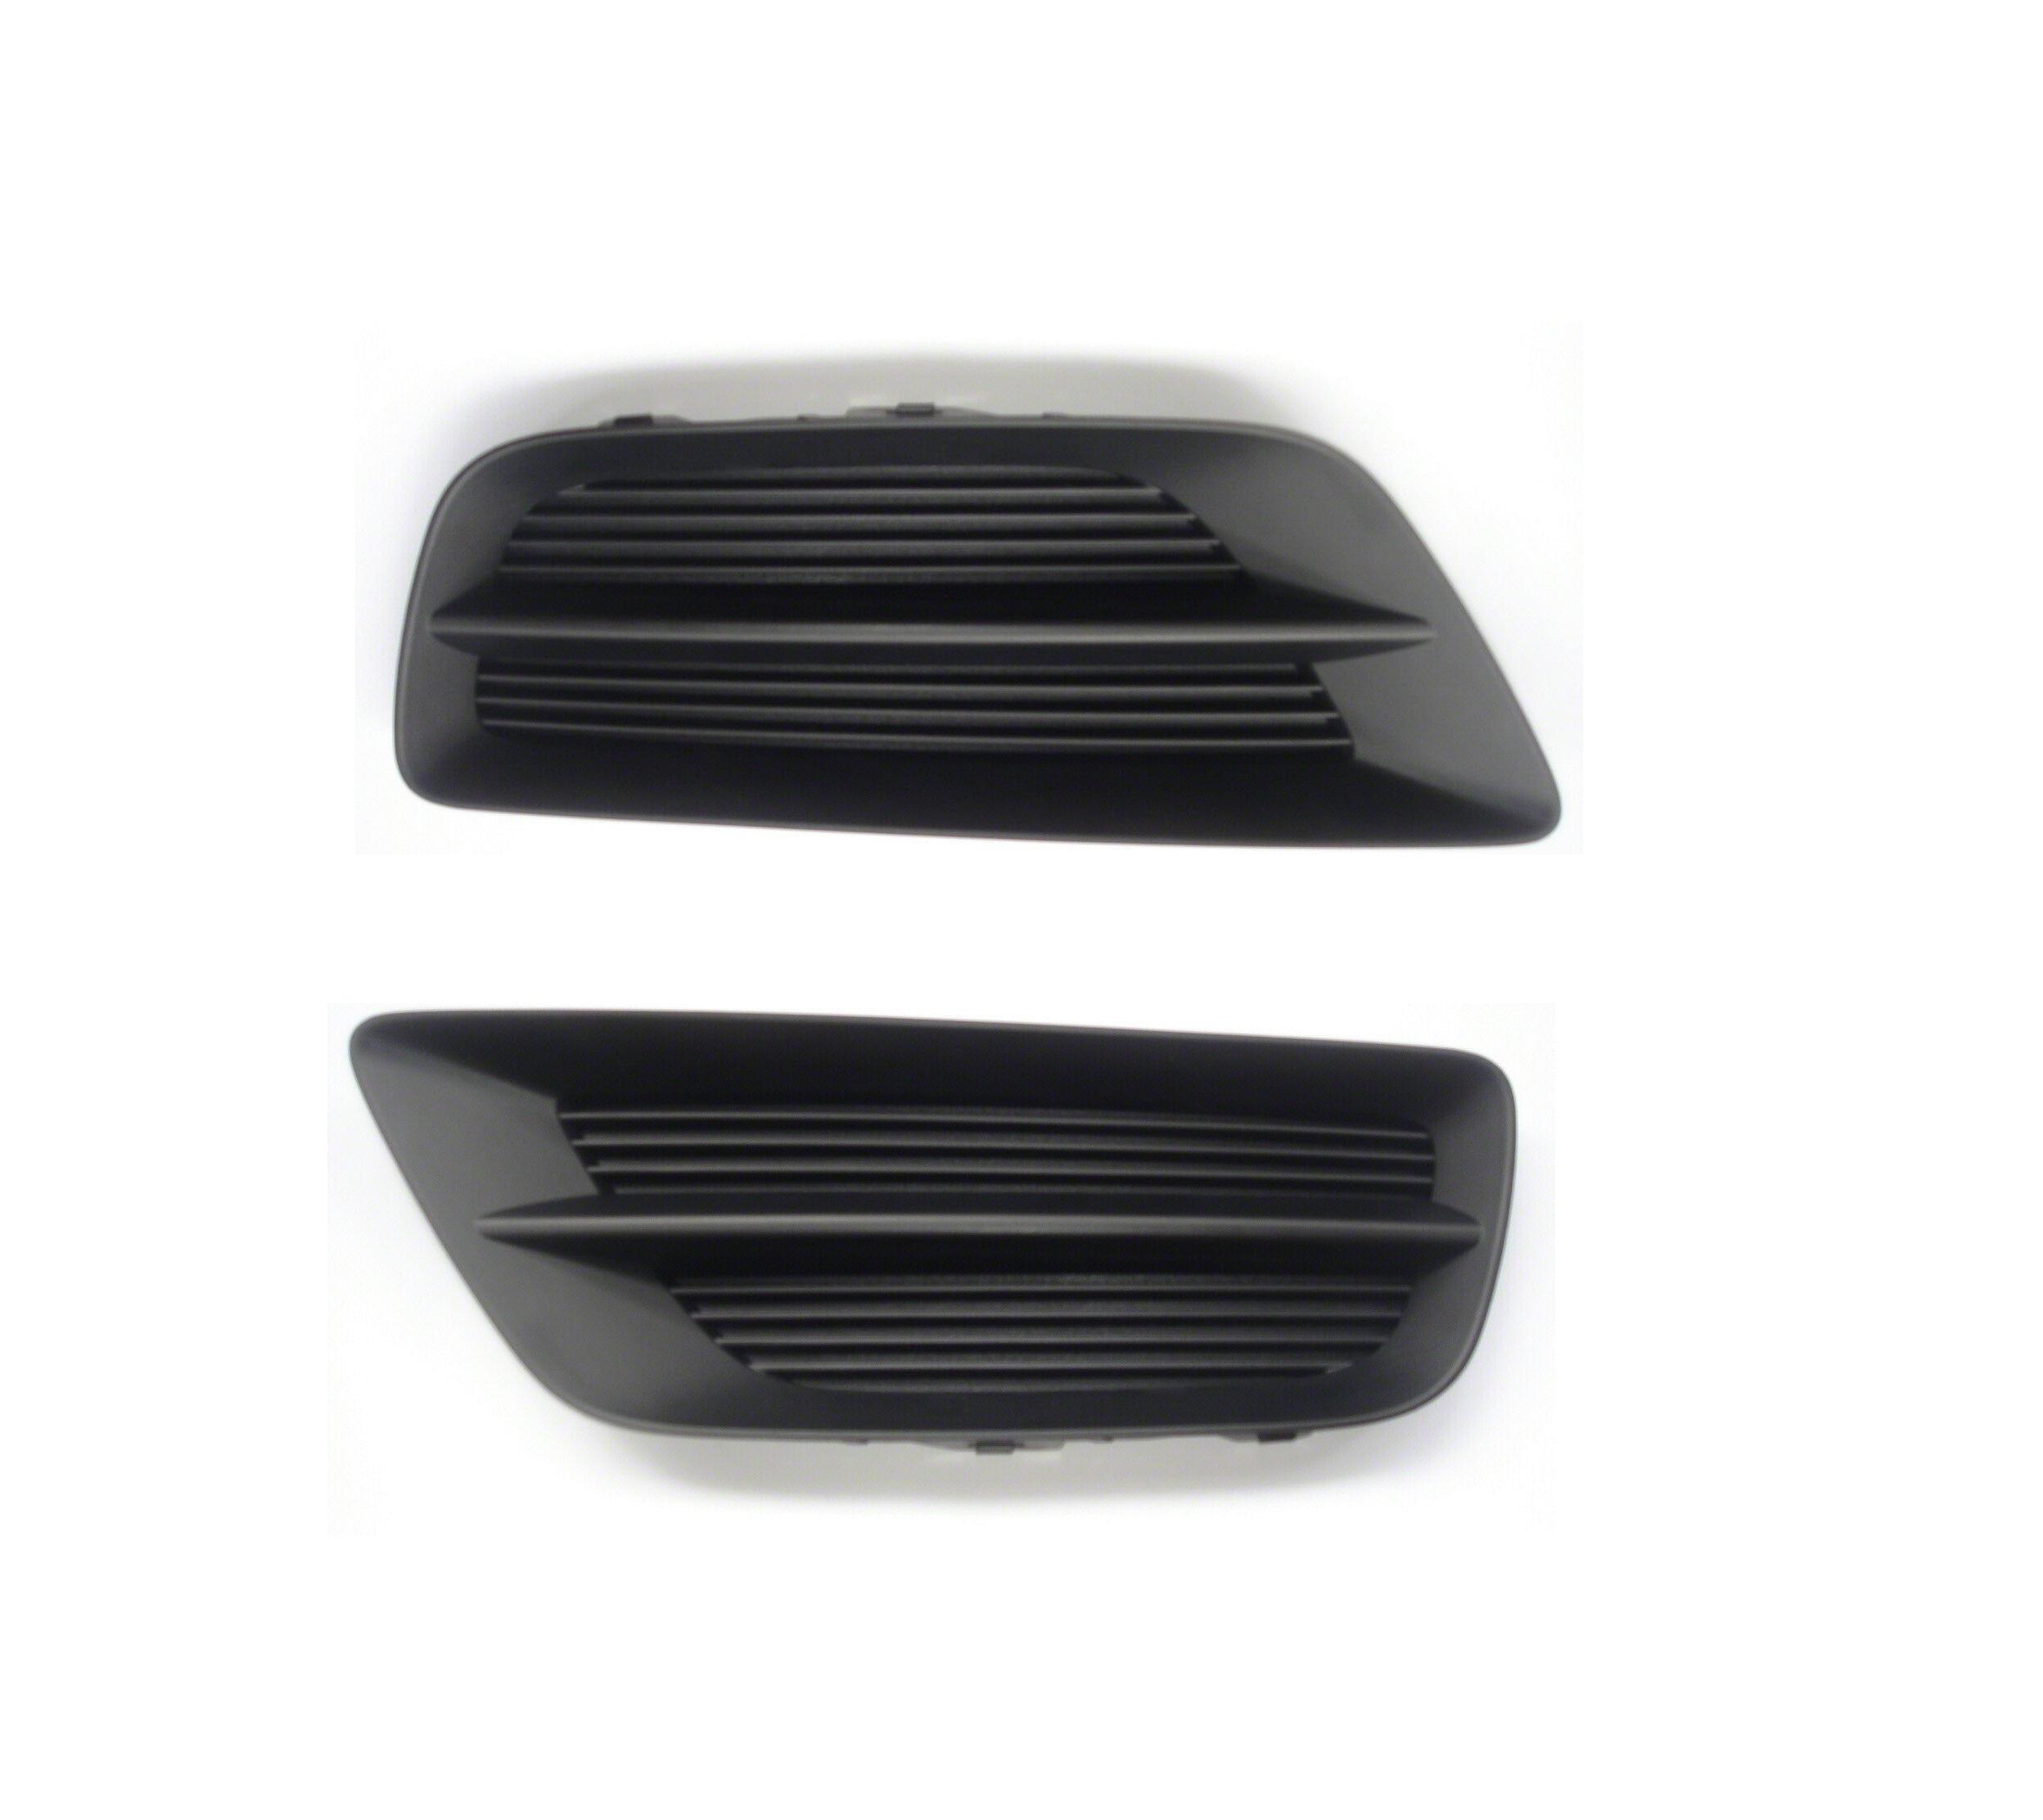 New Driver Side Fog Light Cover For 13-15 Honda Accord Sedan 71112T2AA00